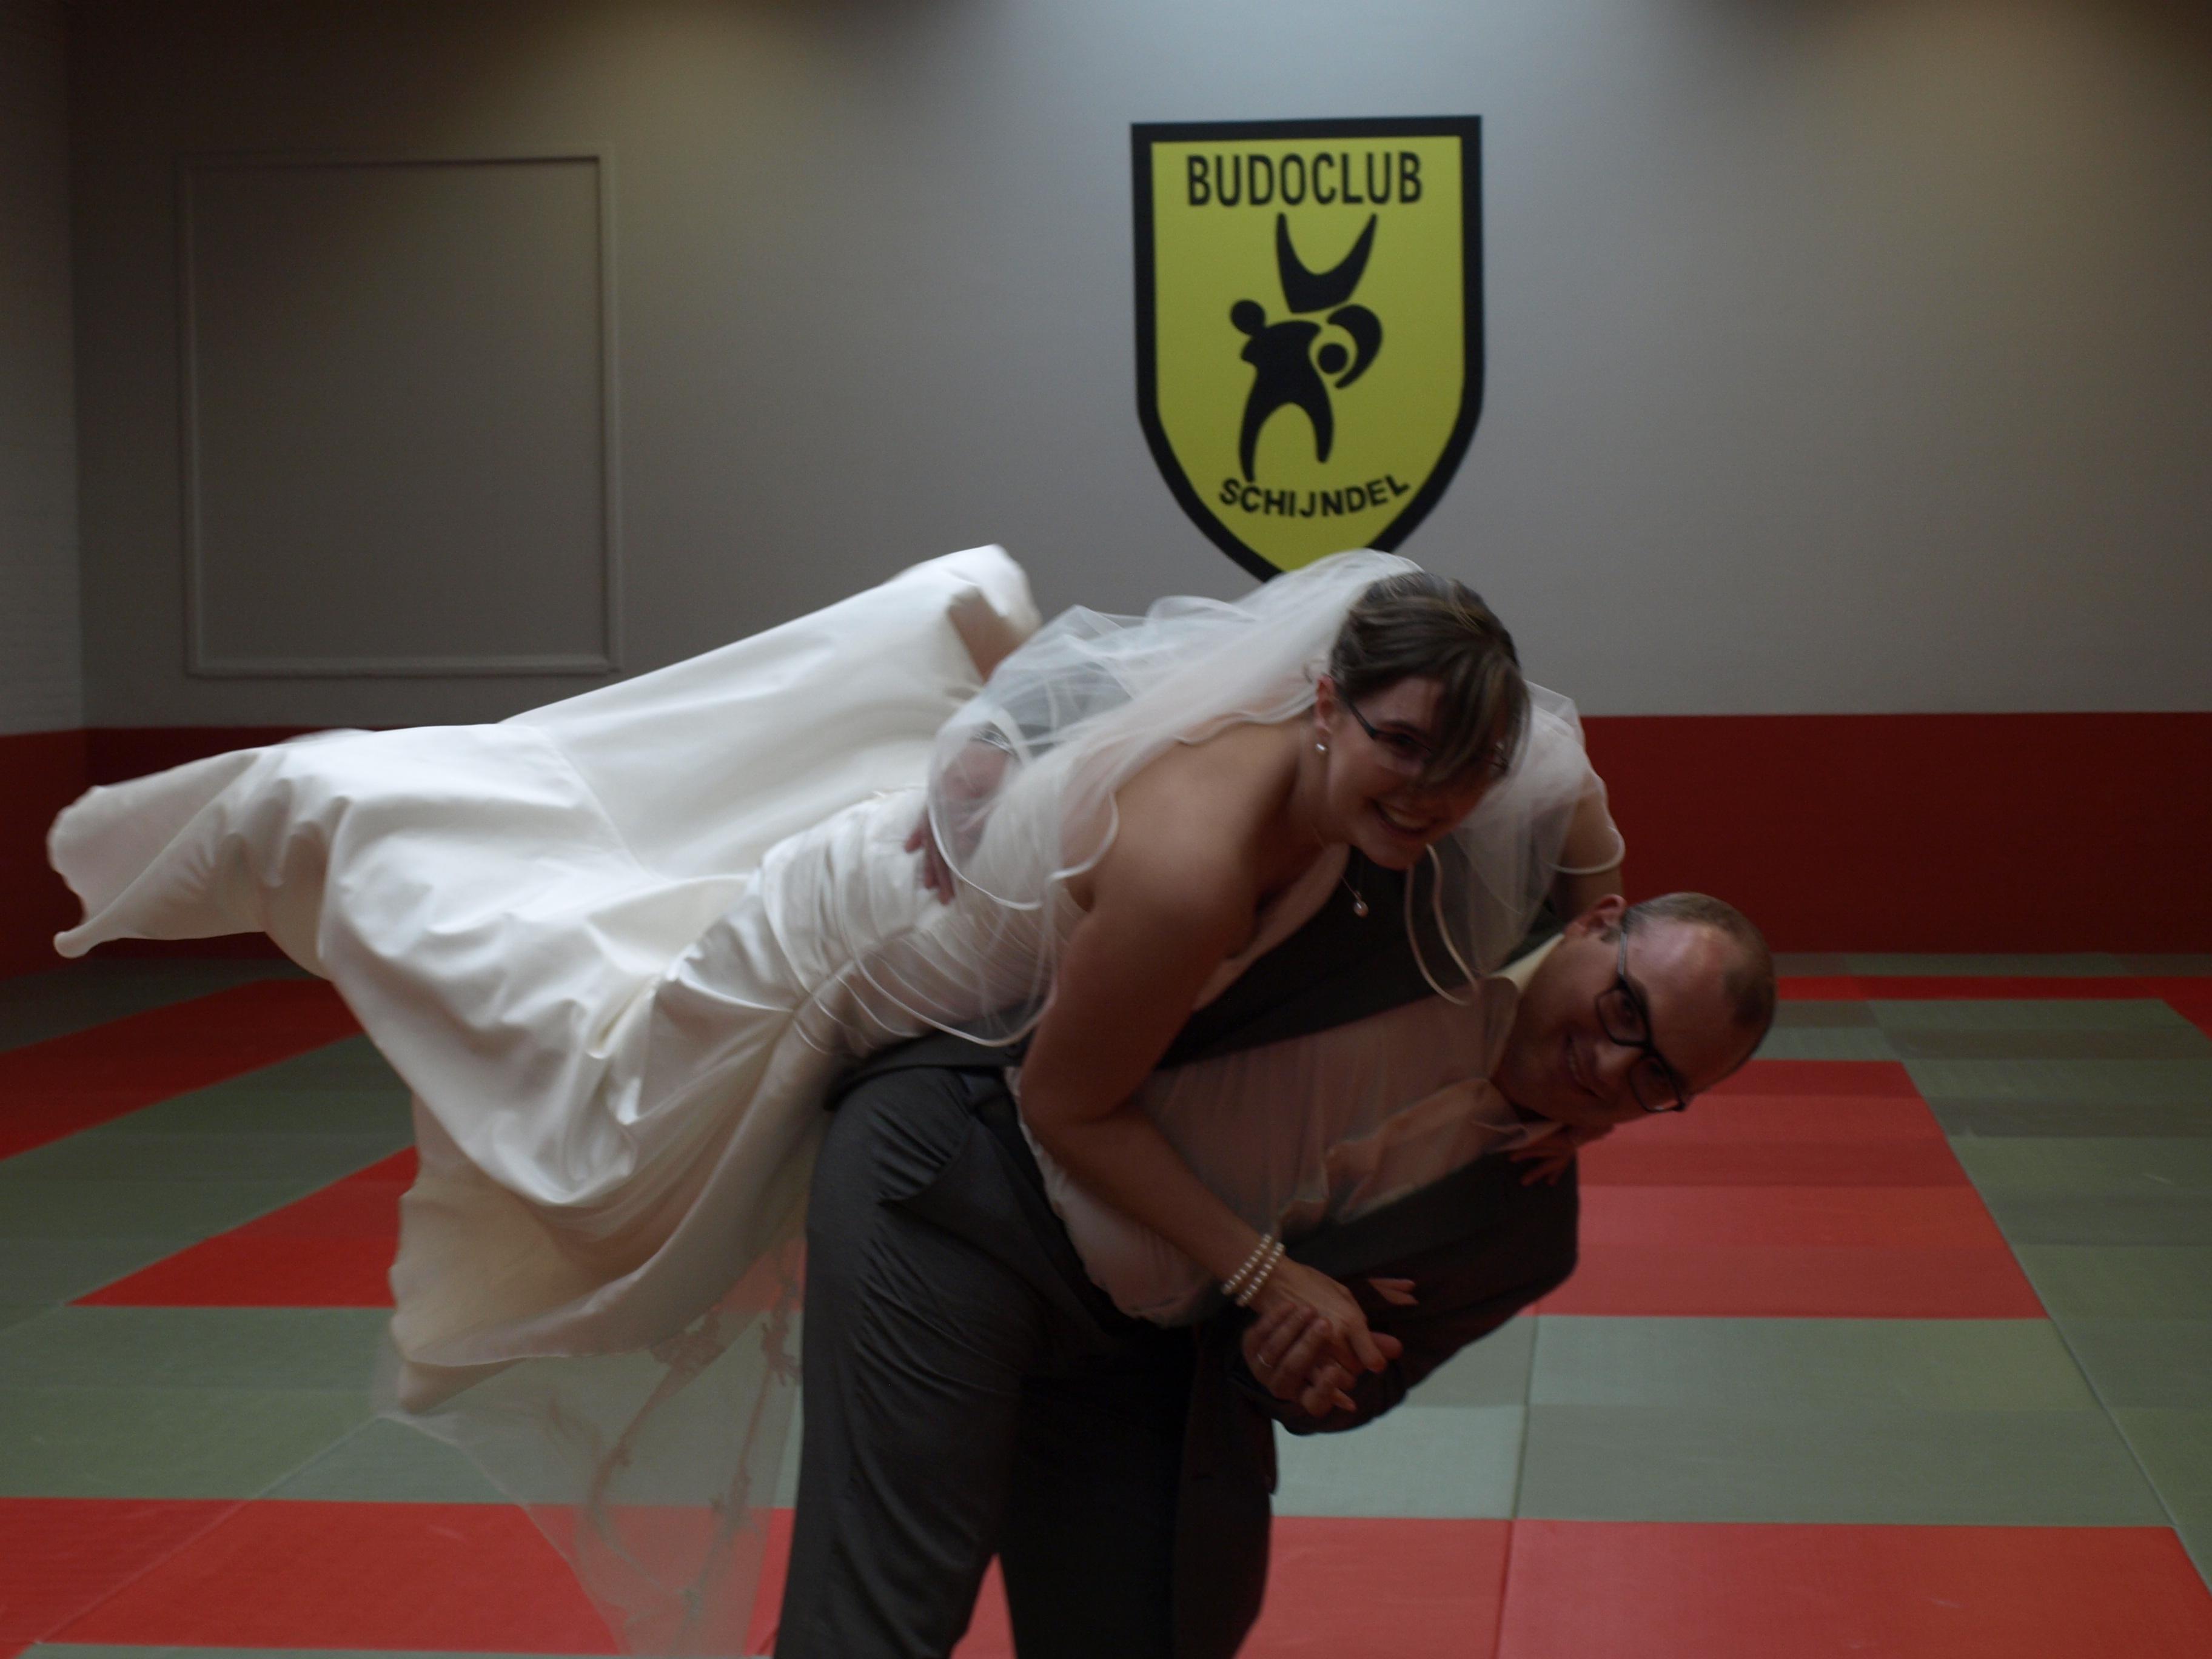 Wout en Jorie getrouwd!